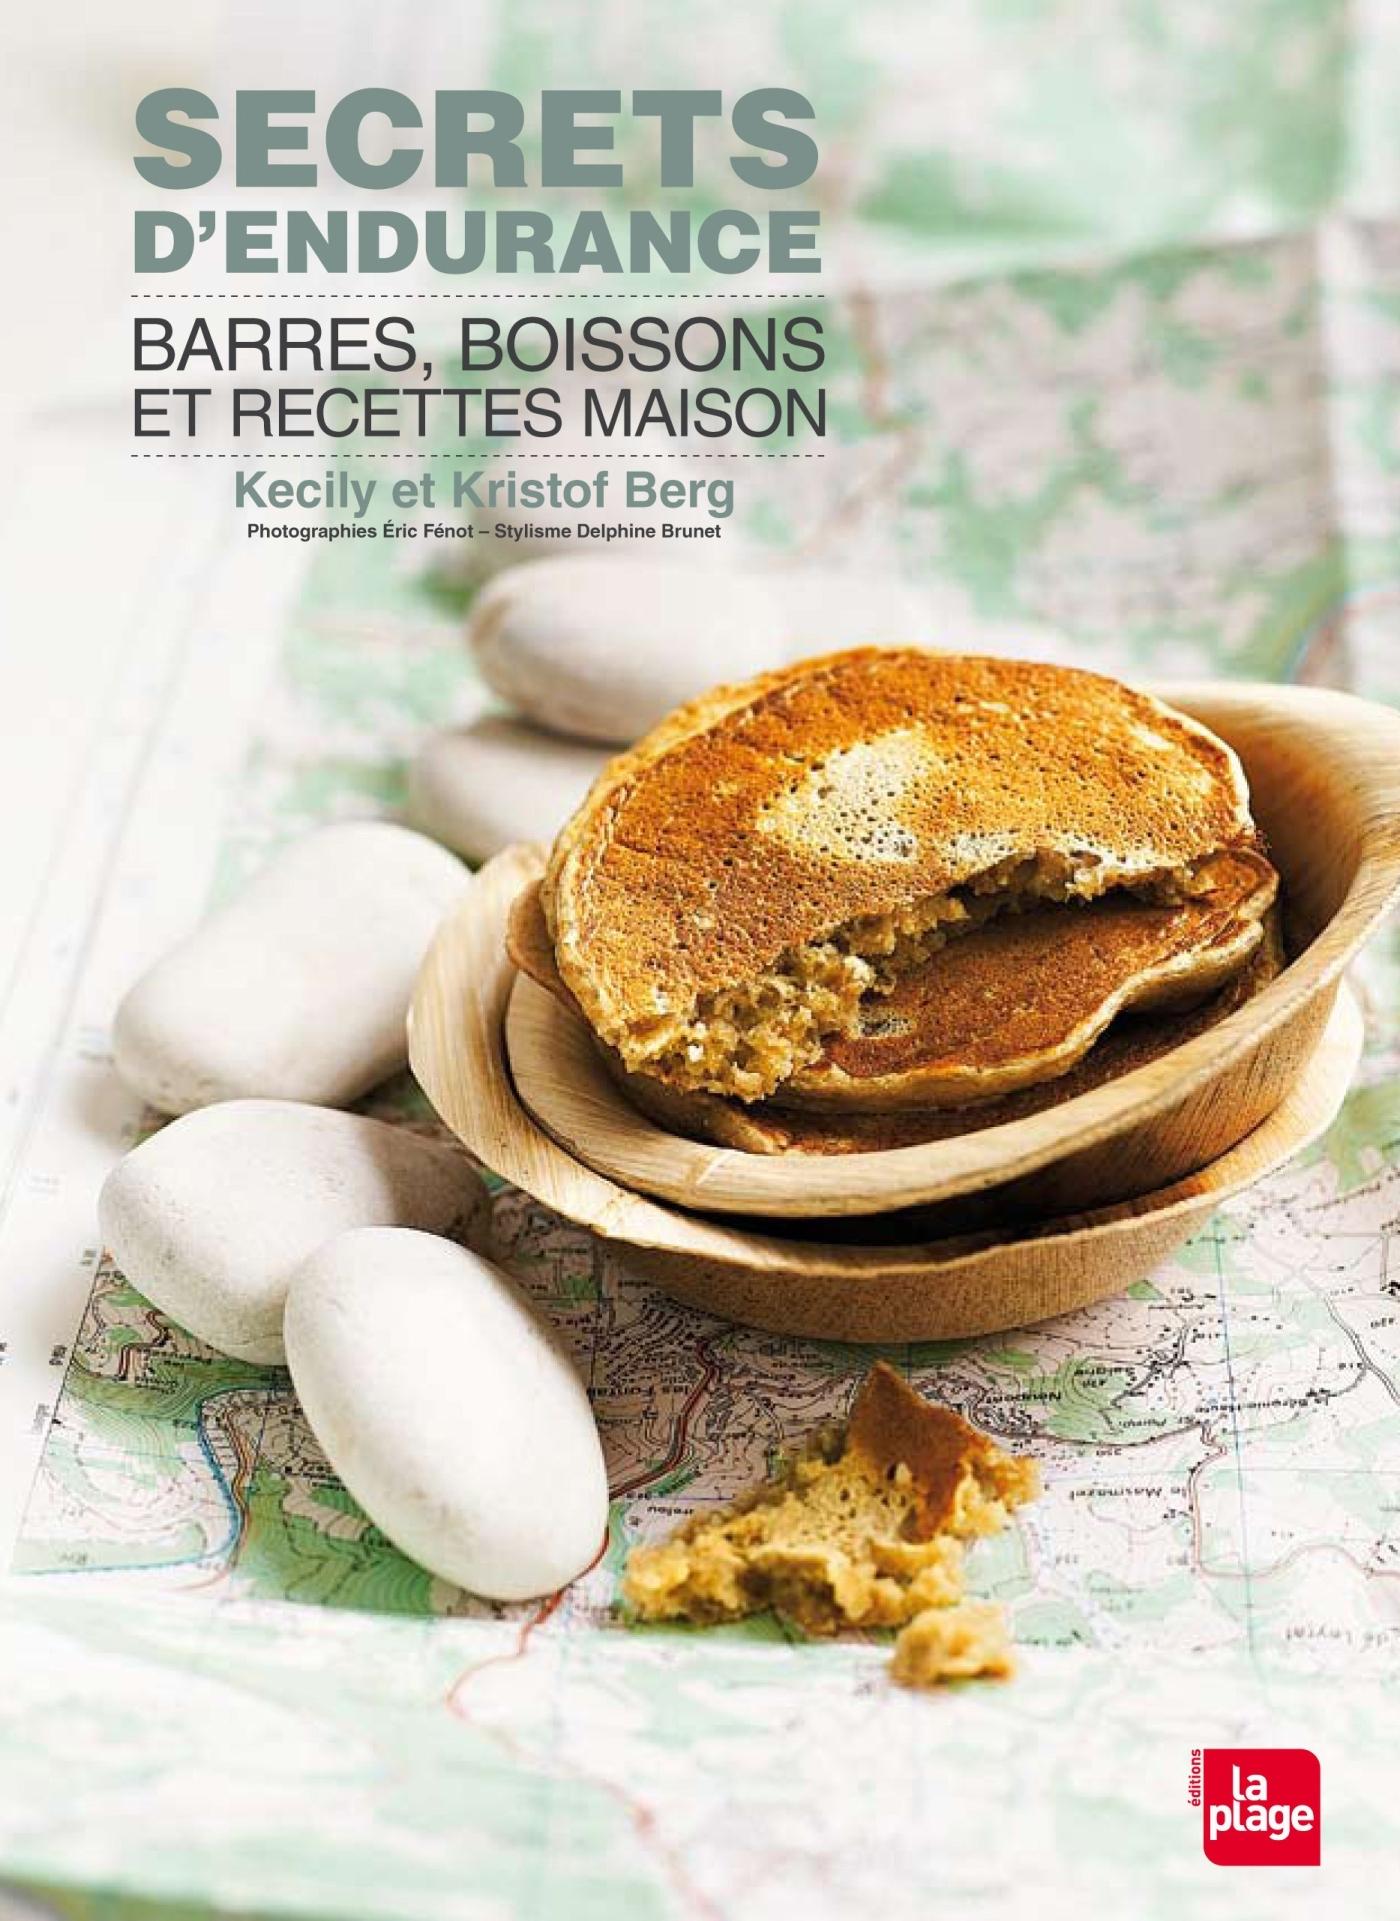 SECRETS D'ENDURANCE - BARRES, BOISSONS ET RECETTES MAISON